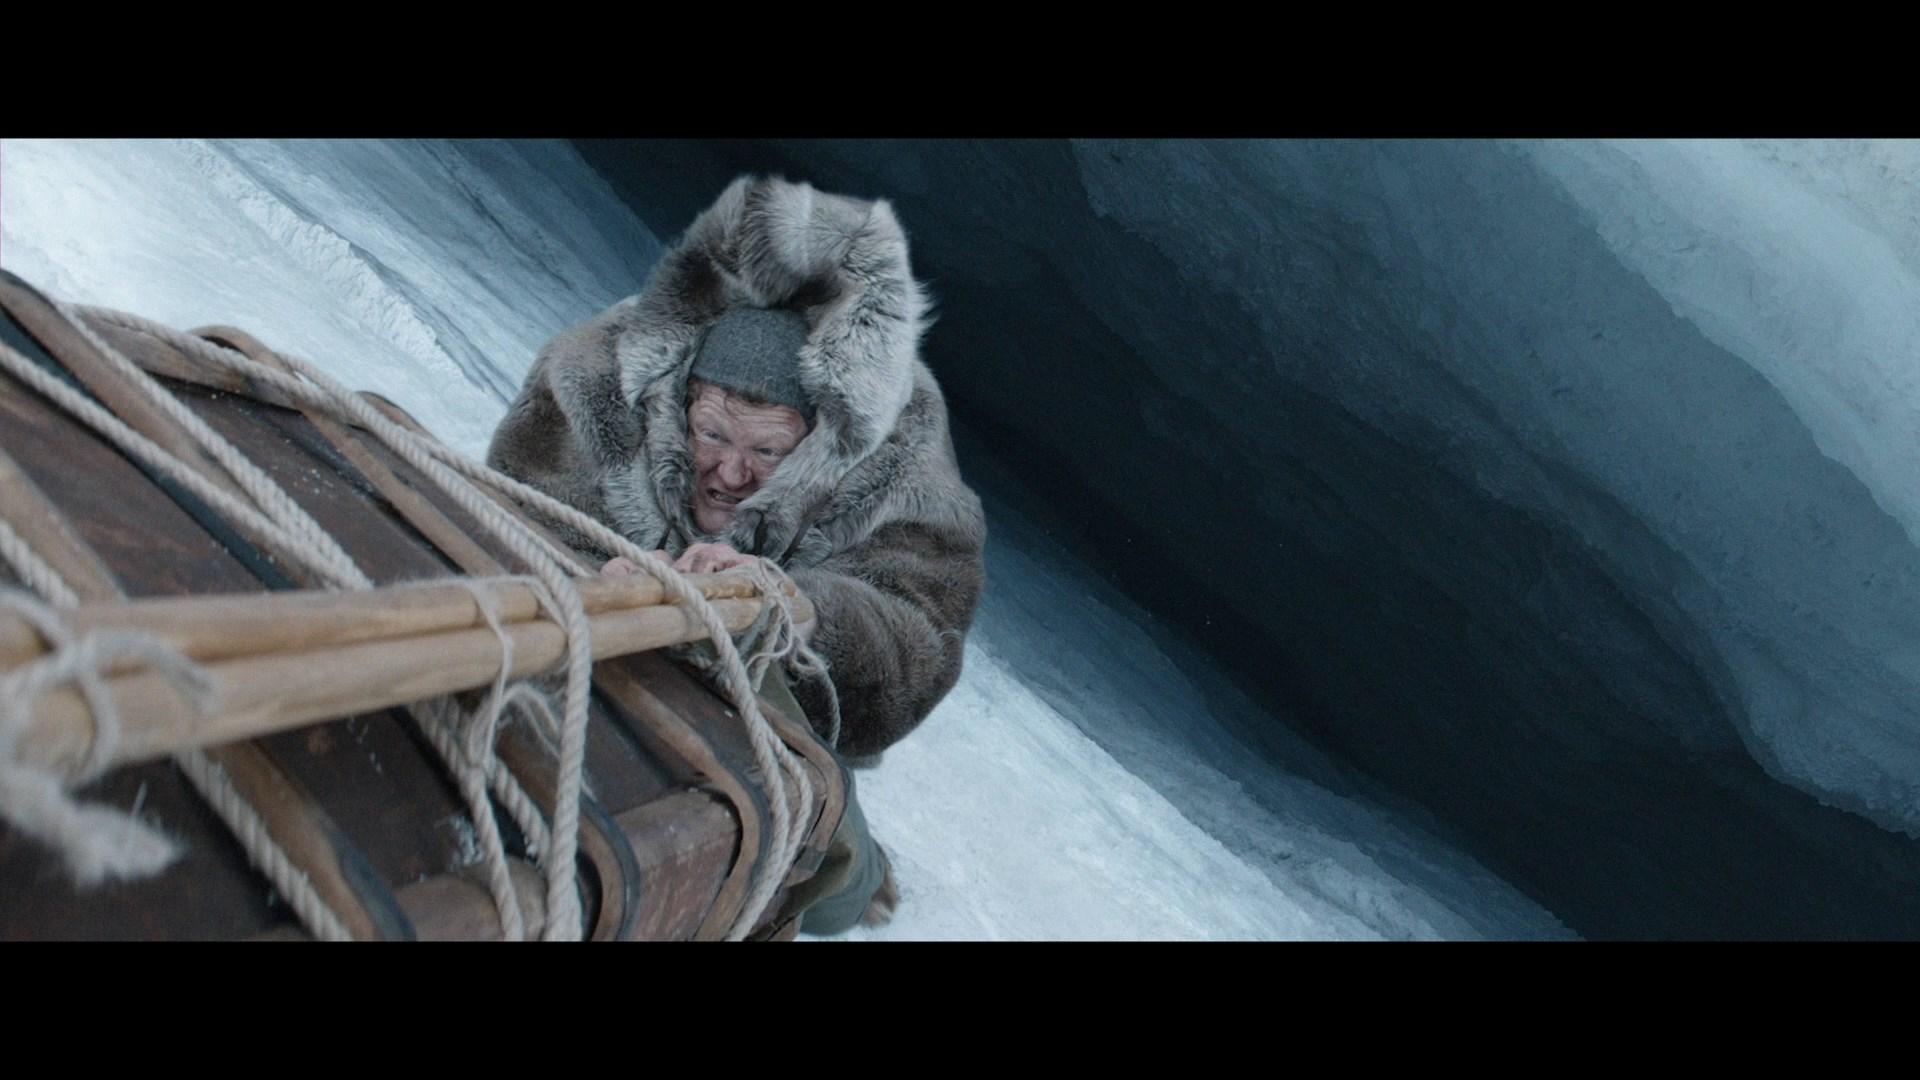 دانلود فیلم آموندسن (Amundsen 2019) با زیرنویس فارسی